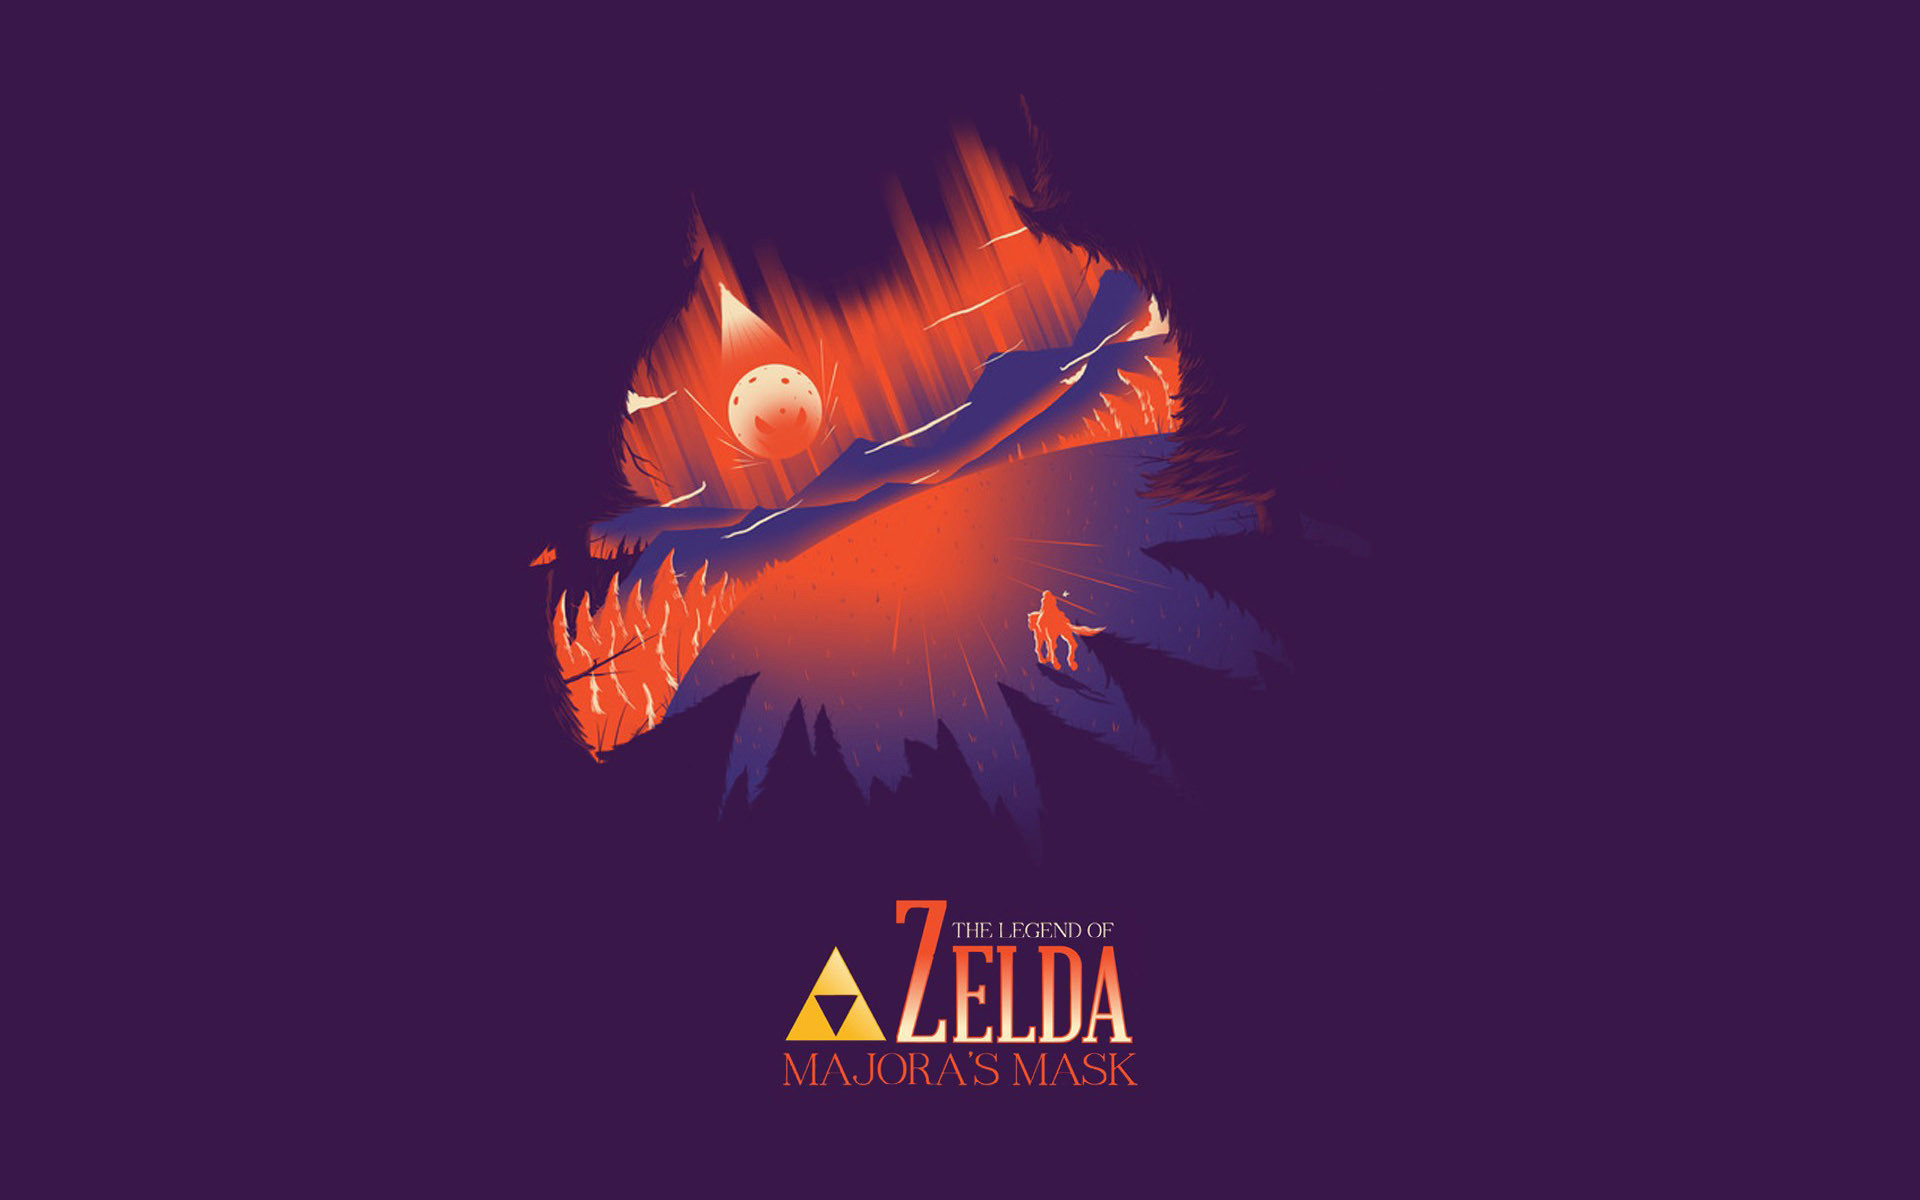 … The Legend of Zelda – Majora's Mask